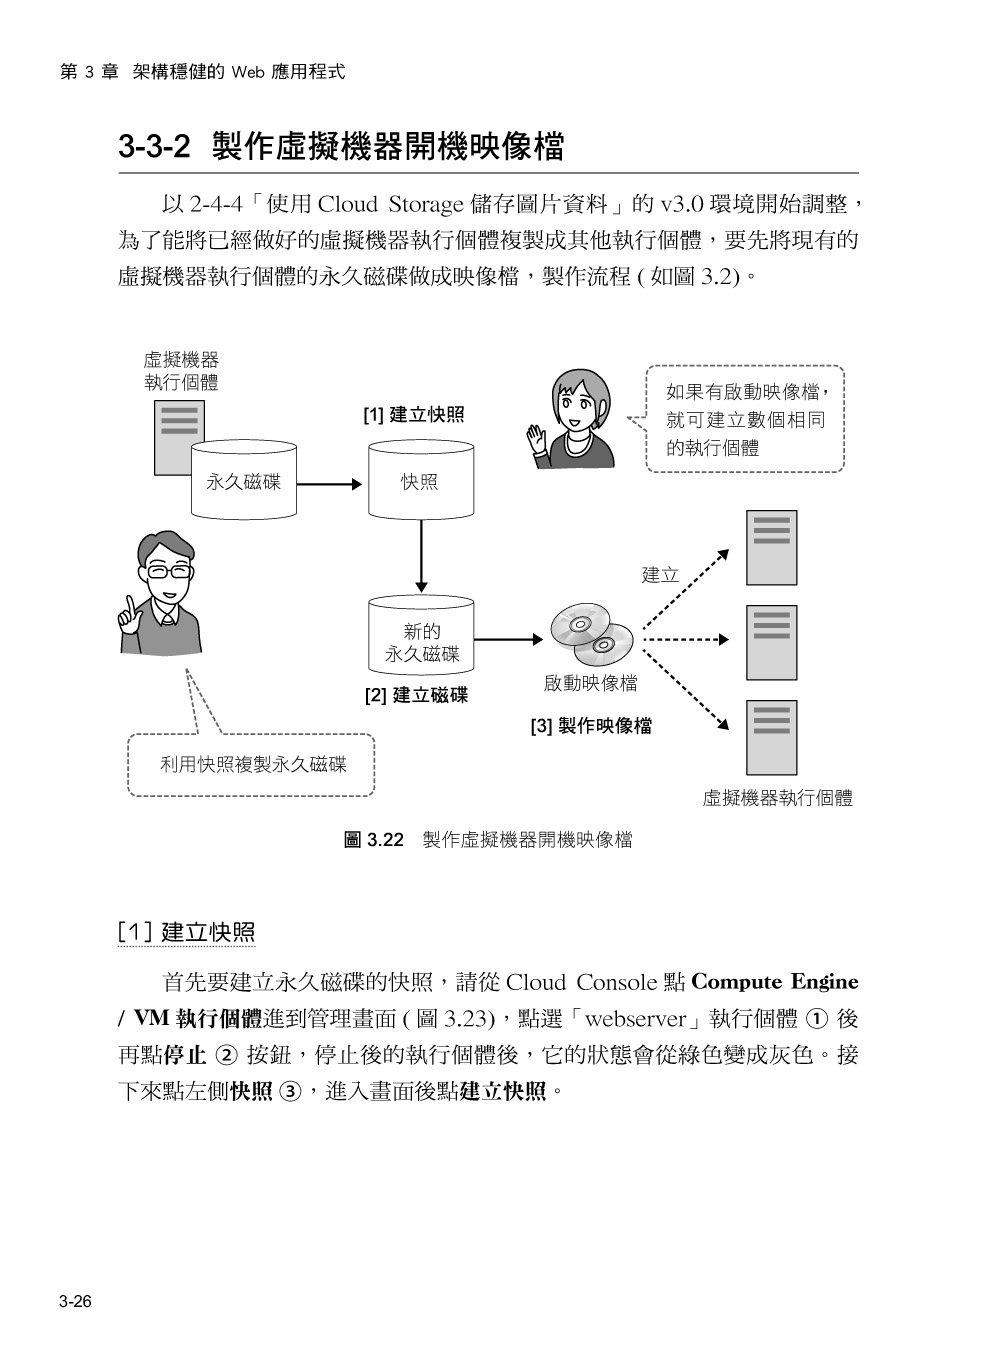 機器學習開發神器!Google Cloud Platform 雲端開發應用超入門-preview-6